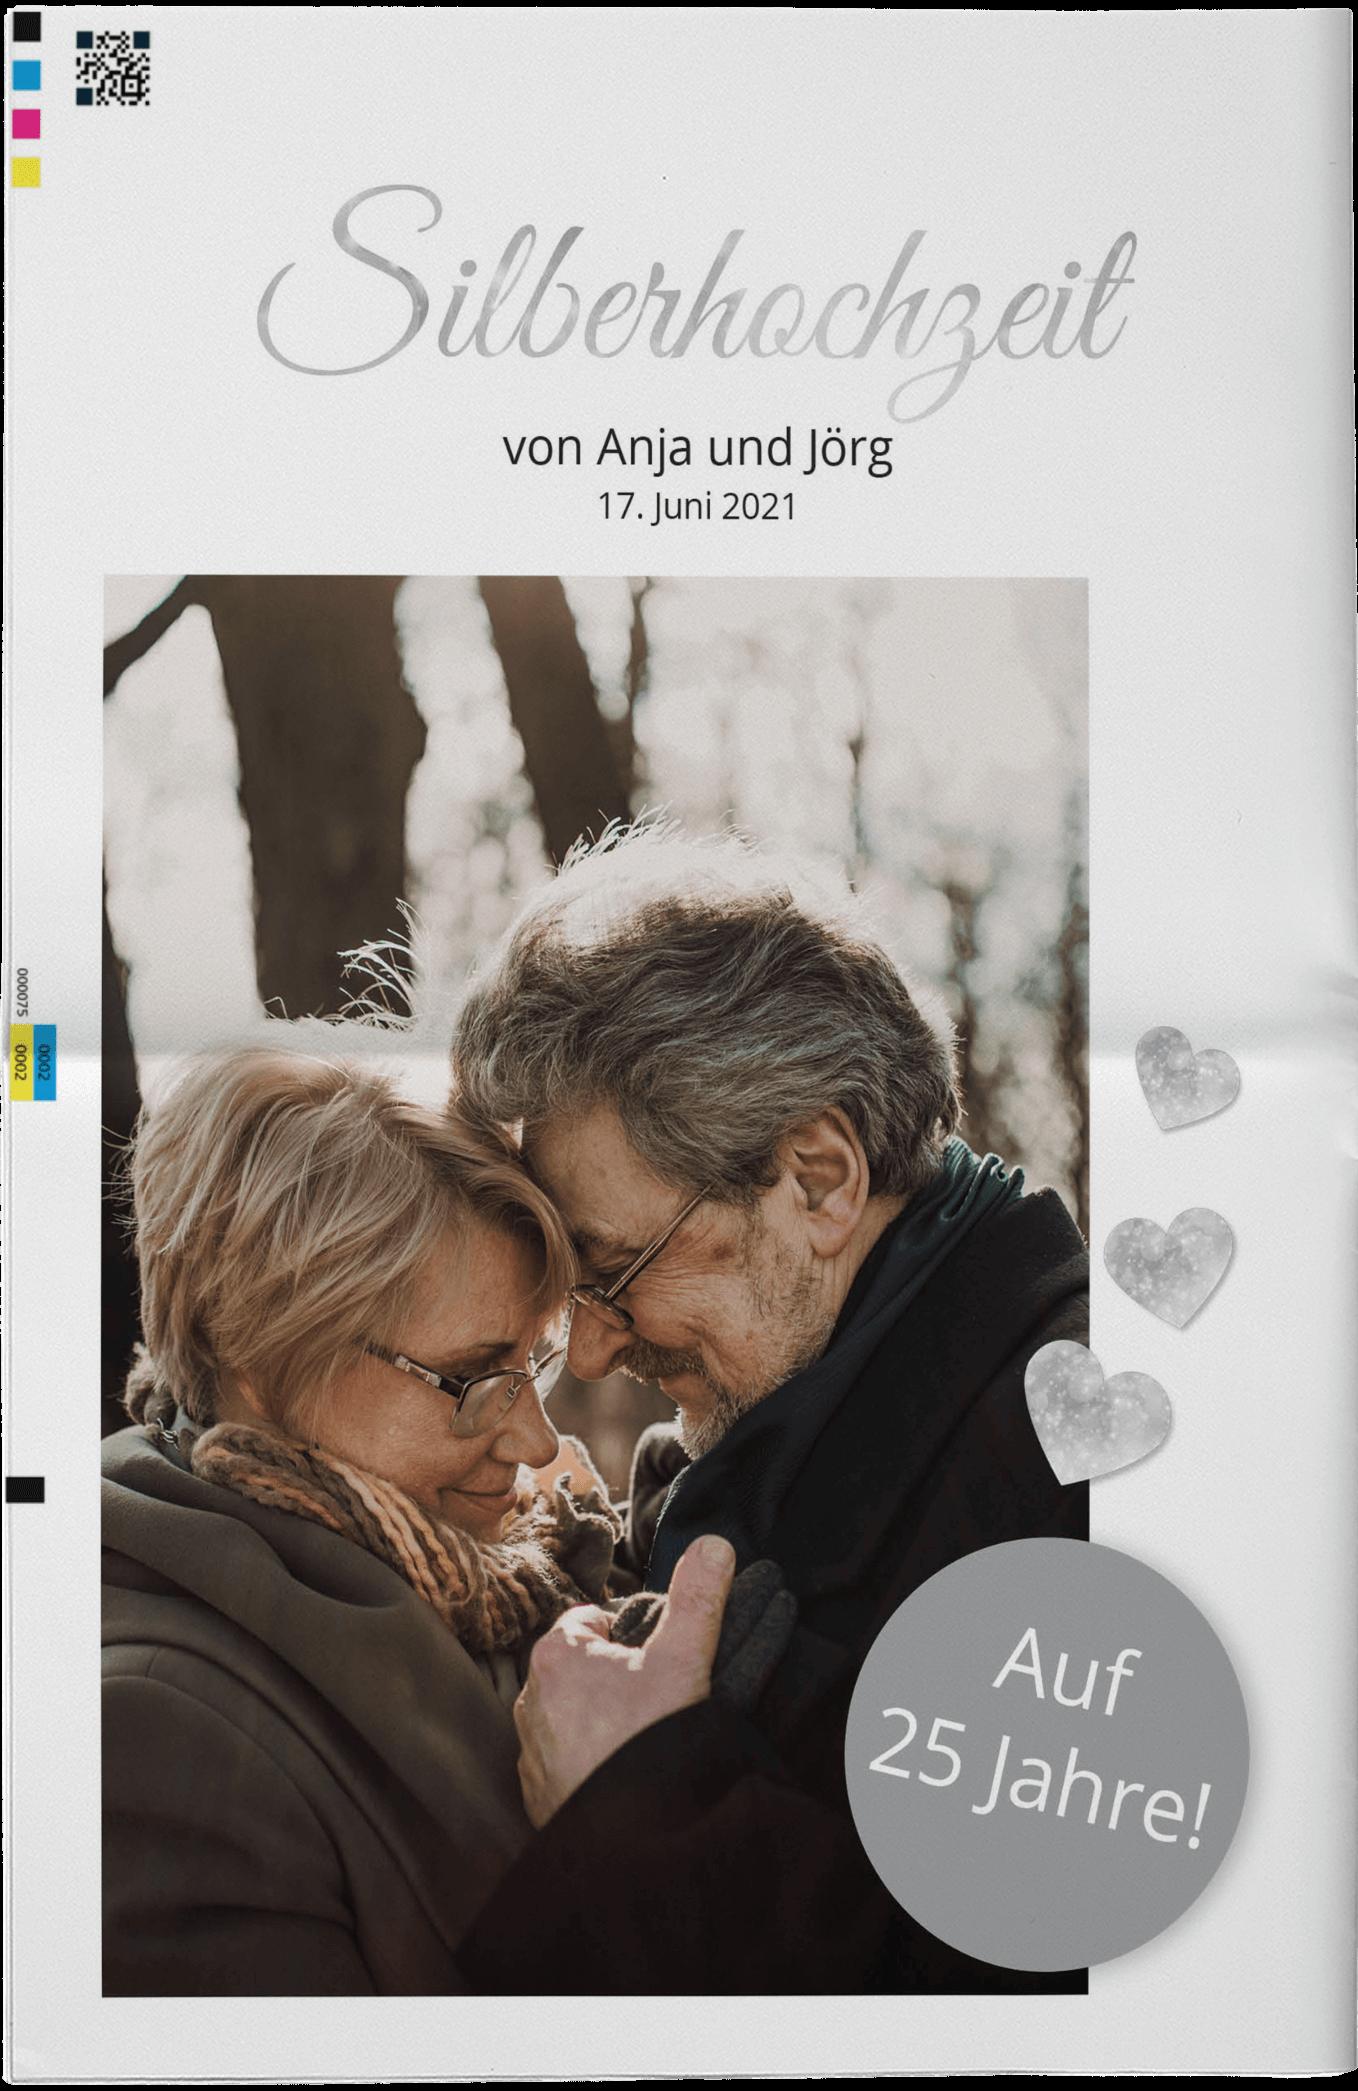 Beispiel für die Titelseite einer Hochzeitszeitung zur Silbernen Hochzeit